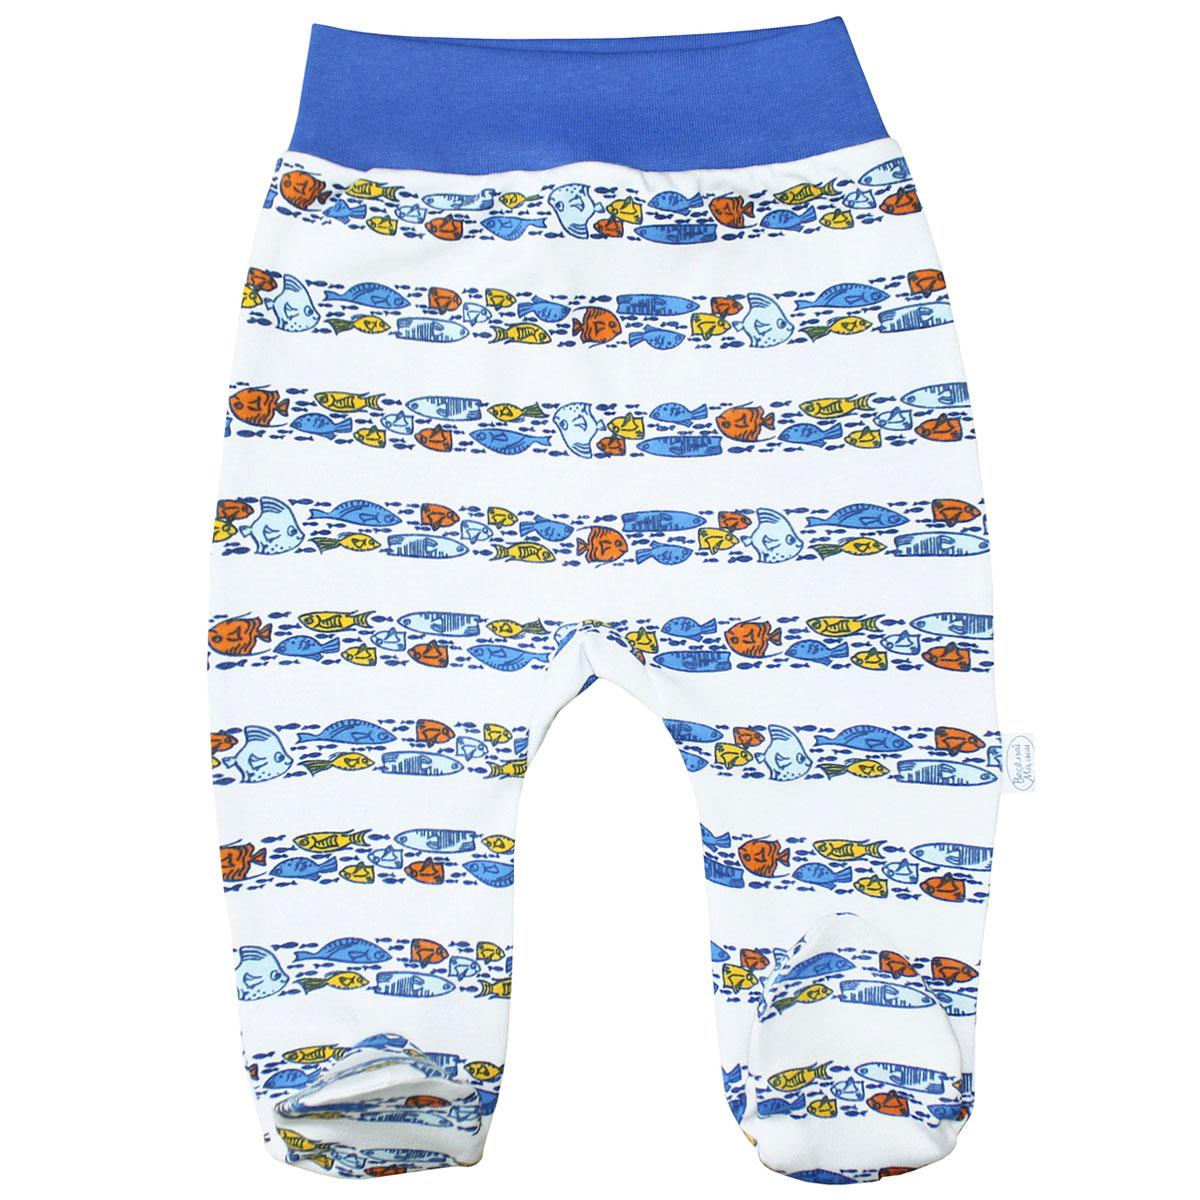 Ползунки для мальчика Веселый малыш Морская жизнь, цвет: синий. 32320/мж-D (1). Размер 74 ползунки веселый малыш ползунки морская жизнь 32320